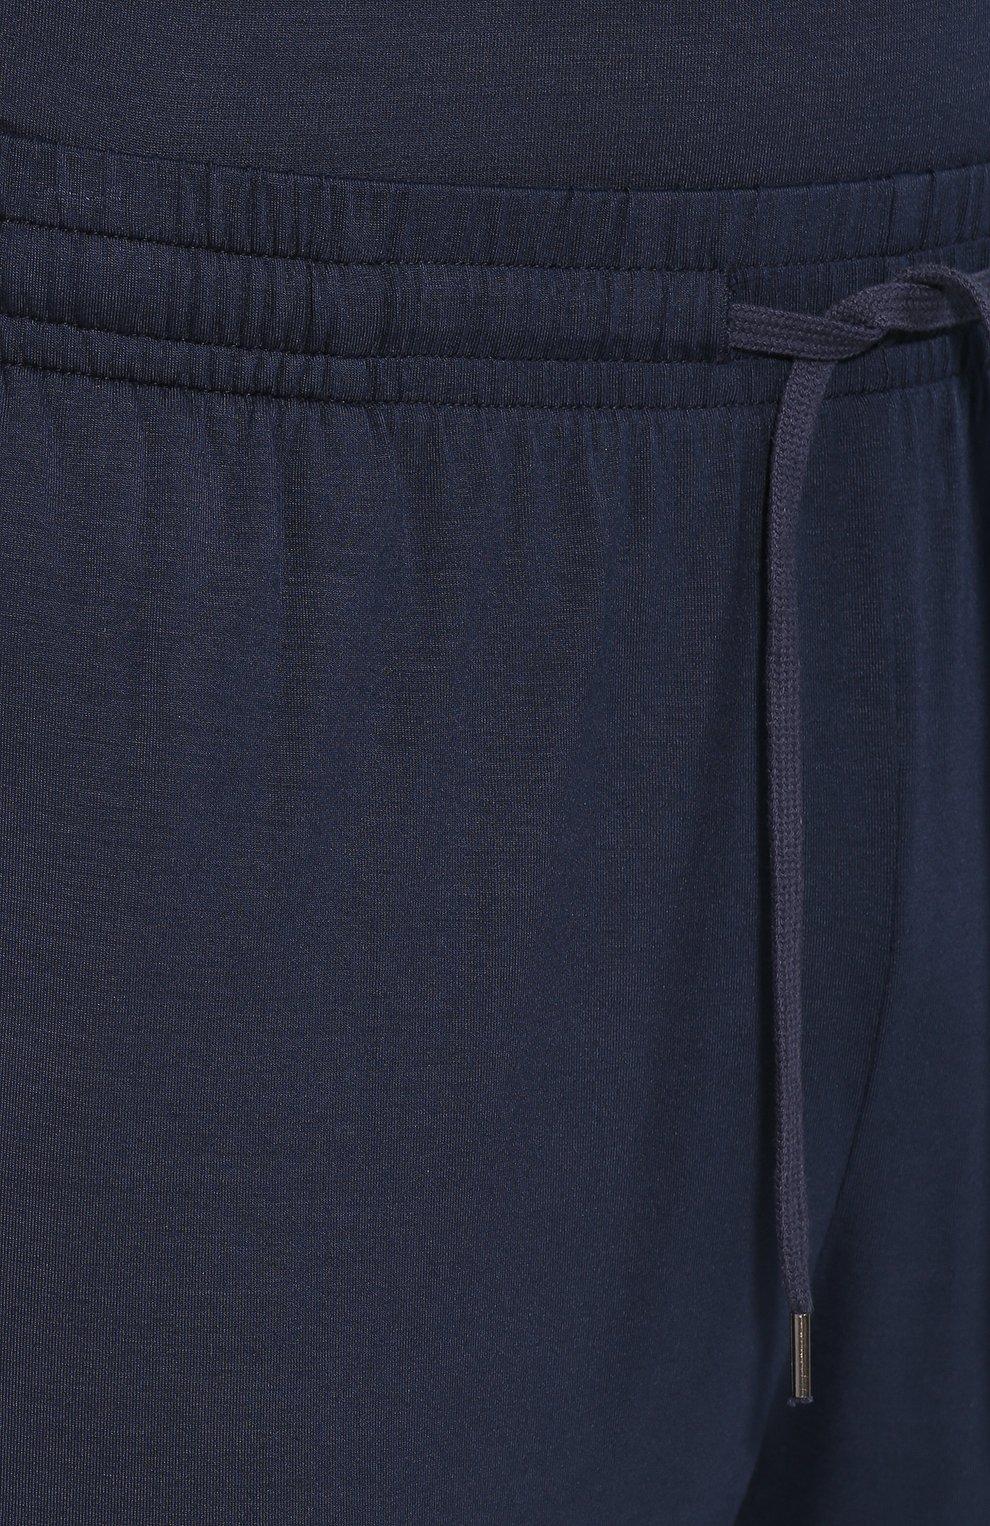 Мужские домашние джоггеры DEREK ROSE темно-синего цвета, арт. 9403-BASE001   Фото 5 (Кросс-КТ: домашняя одежда; Мужское Кросс-КТ: Брюки-белье; Материал внешний: Синтетический материал)